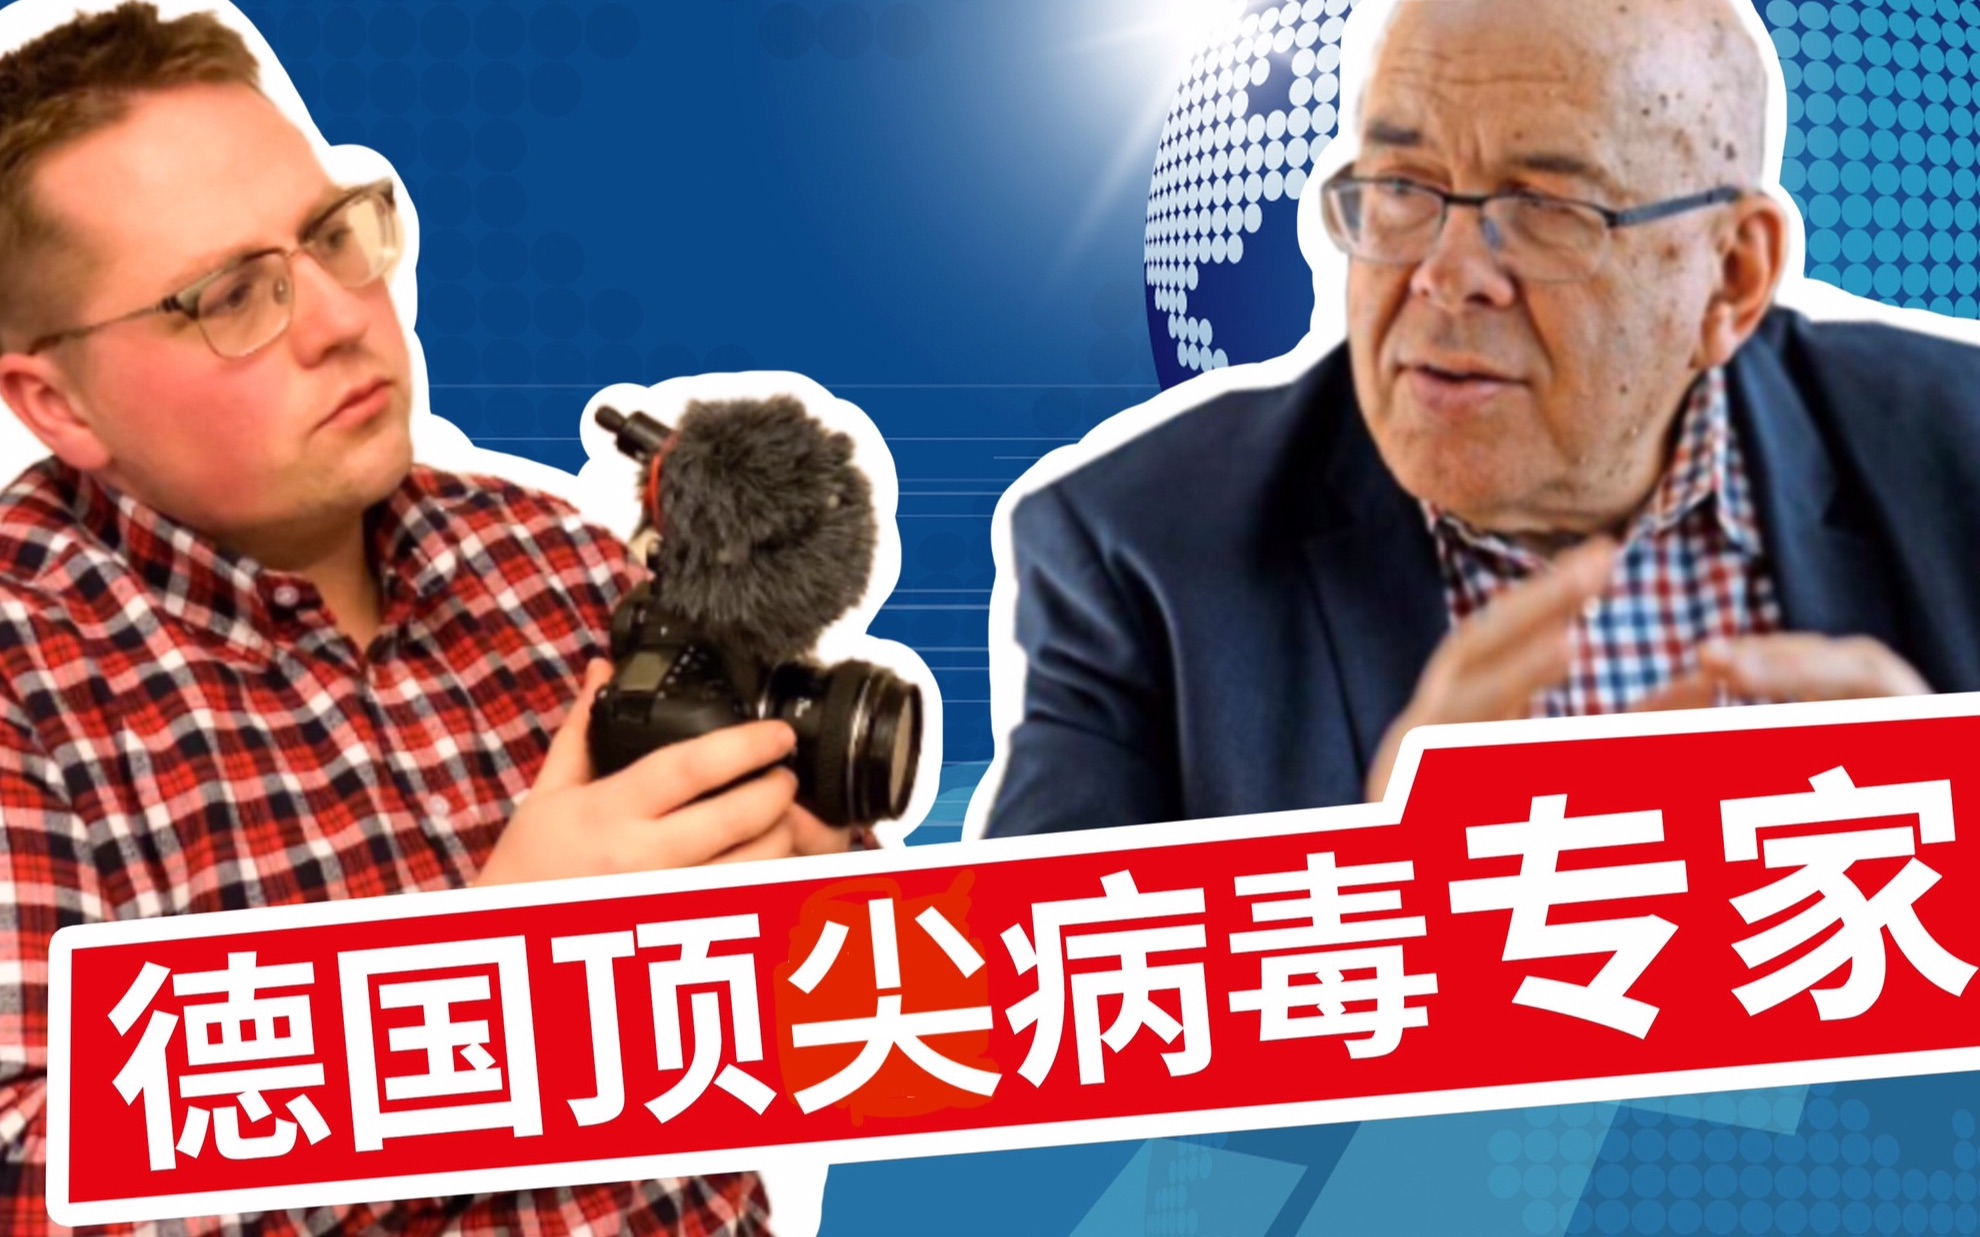 武汉肺炎|我采访了刚到中国支援的德国顶尖病毒研究家